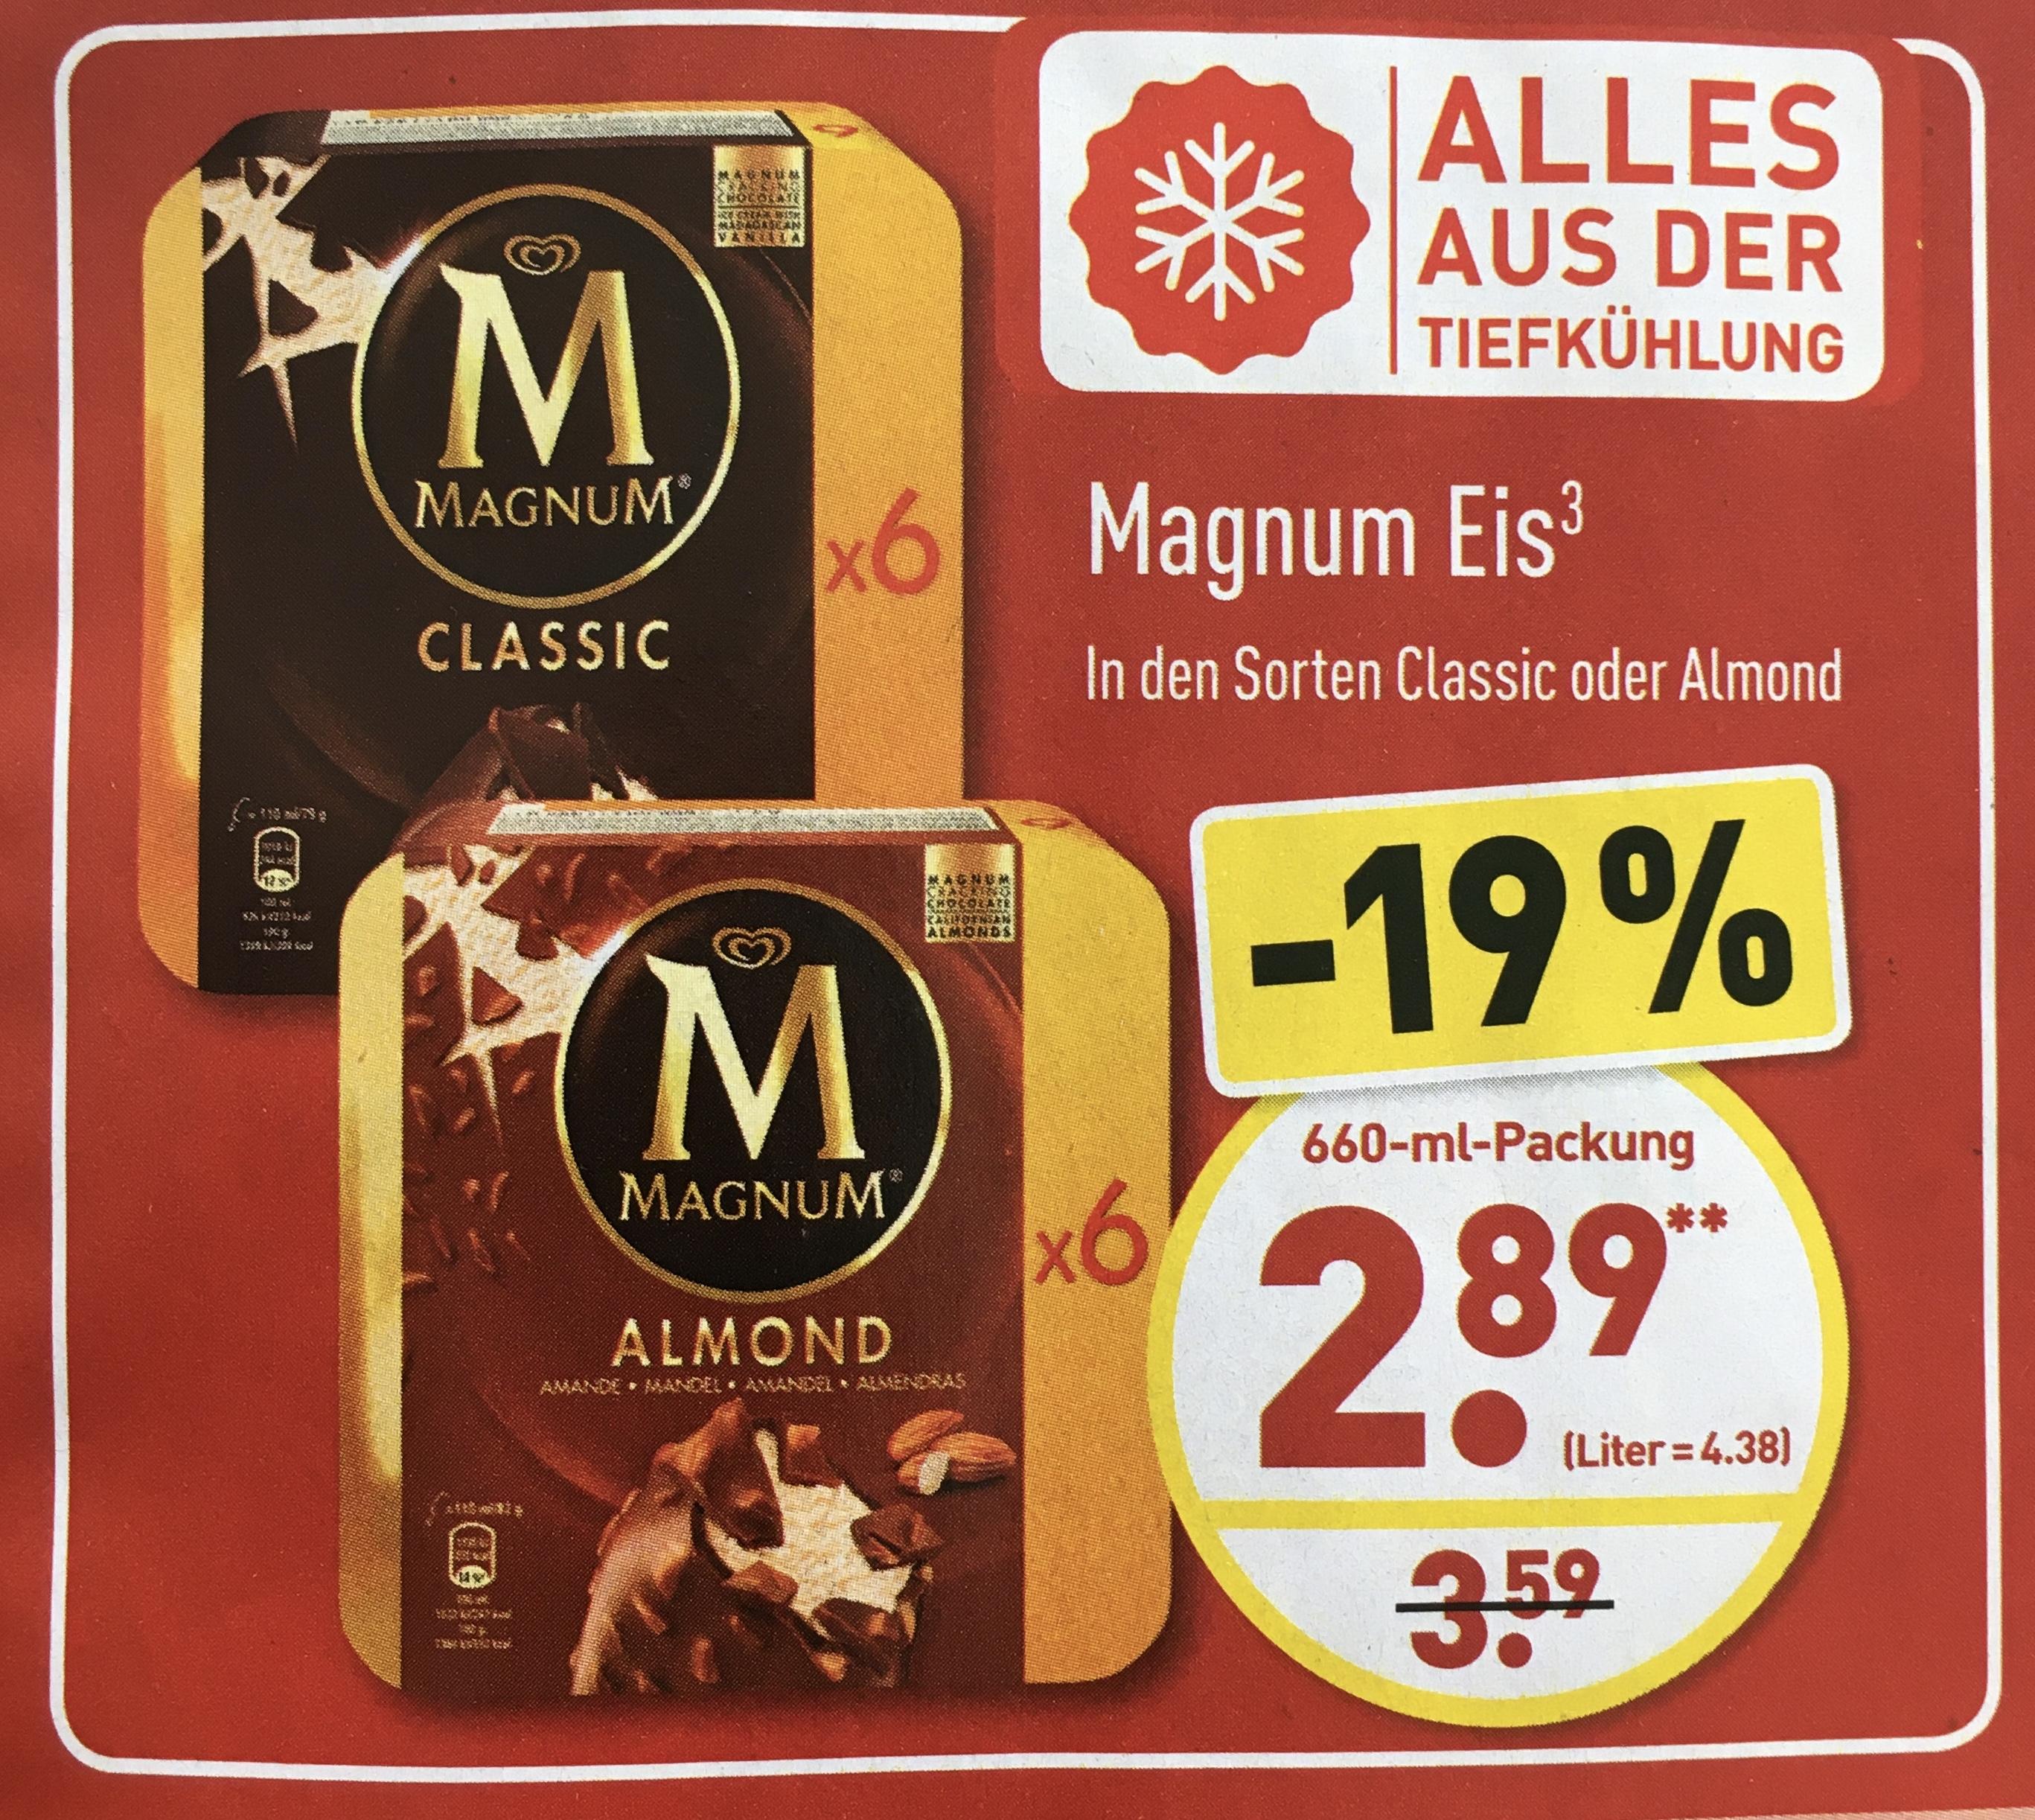 MAGNUM® 6er-Pack Classic oder Almond für 2,89€ ab 02.06. [ALDI-NORD]